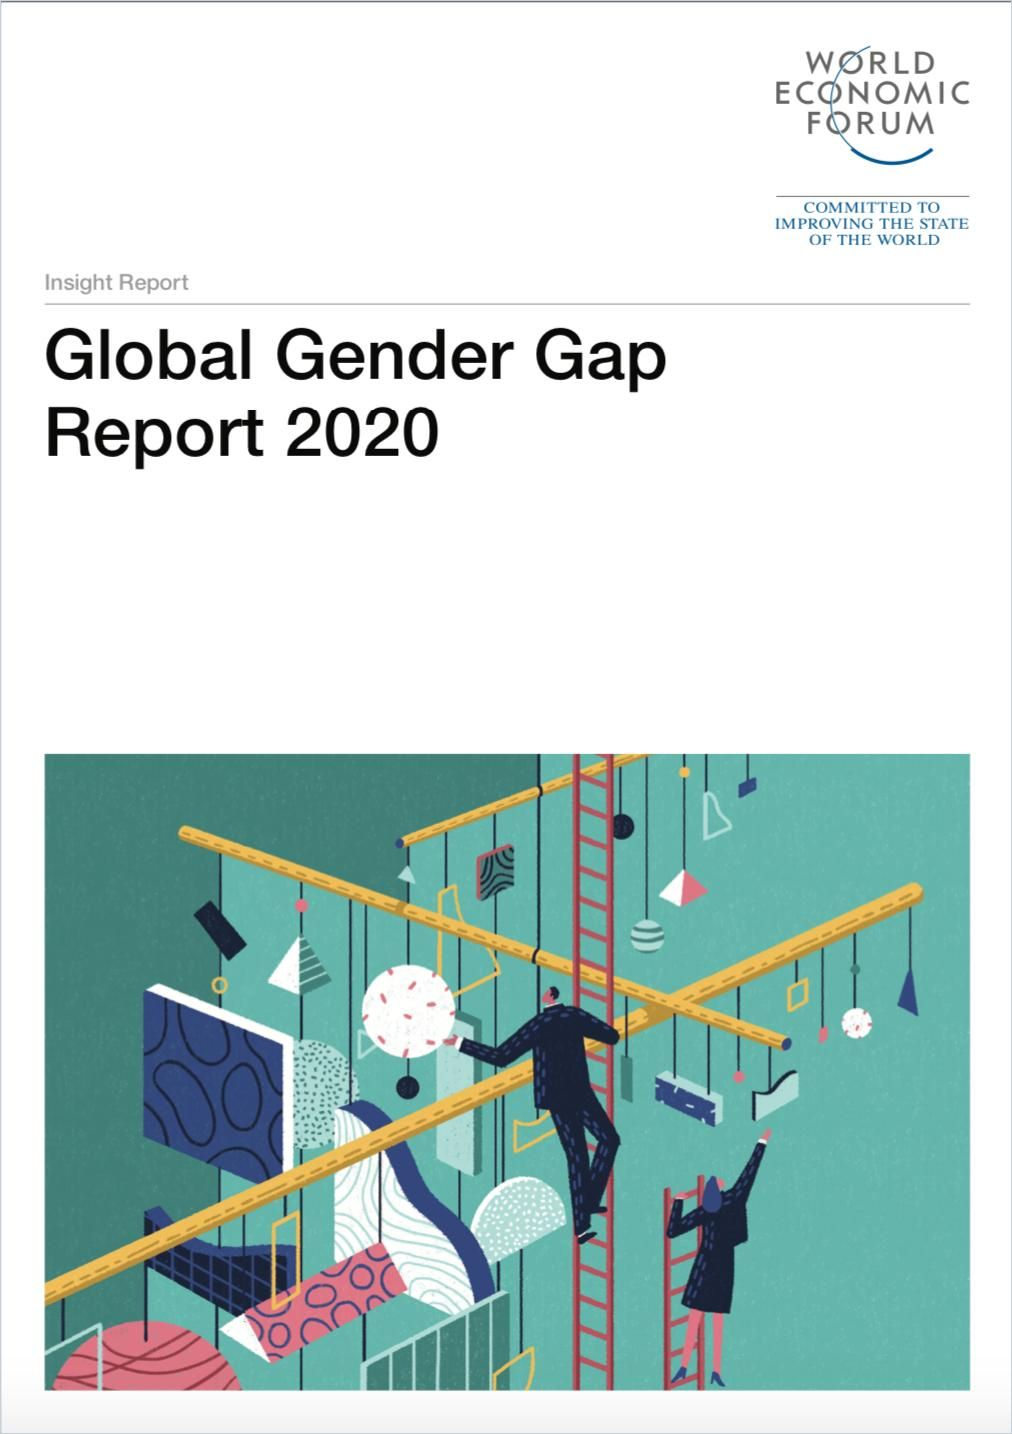 Image of: Global Gender Gap Report 2020